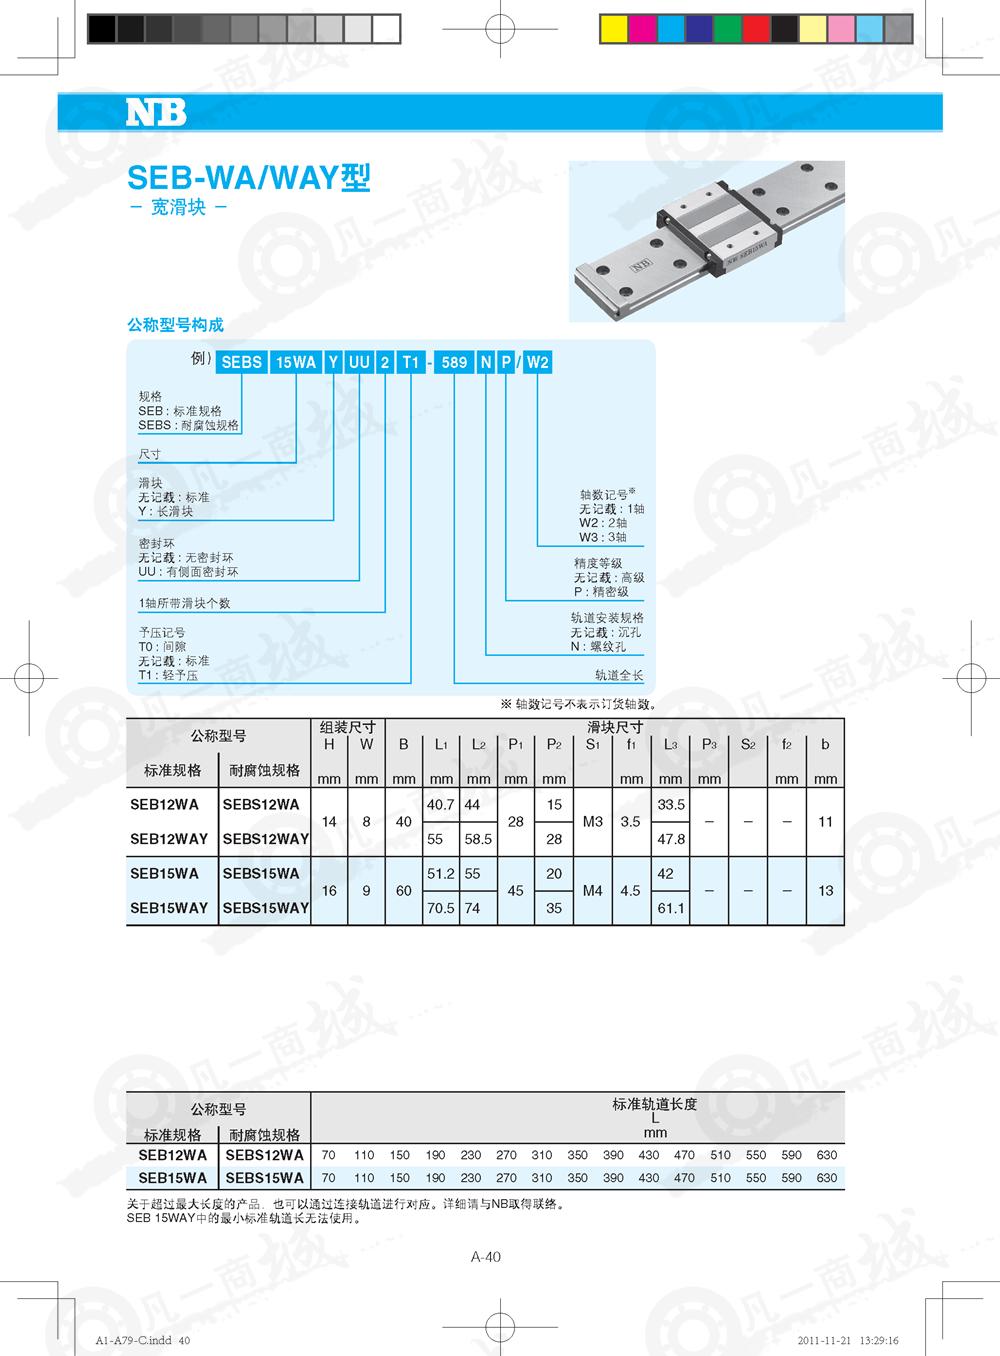 宽轨道型-NB微型直线导轨SEB9WAY_SEB9WD